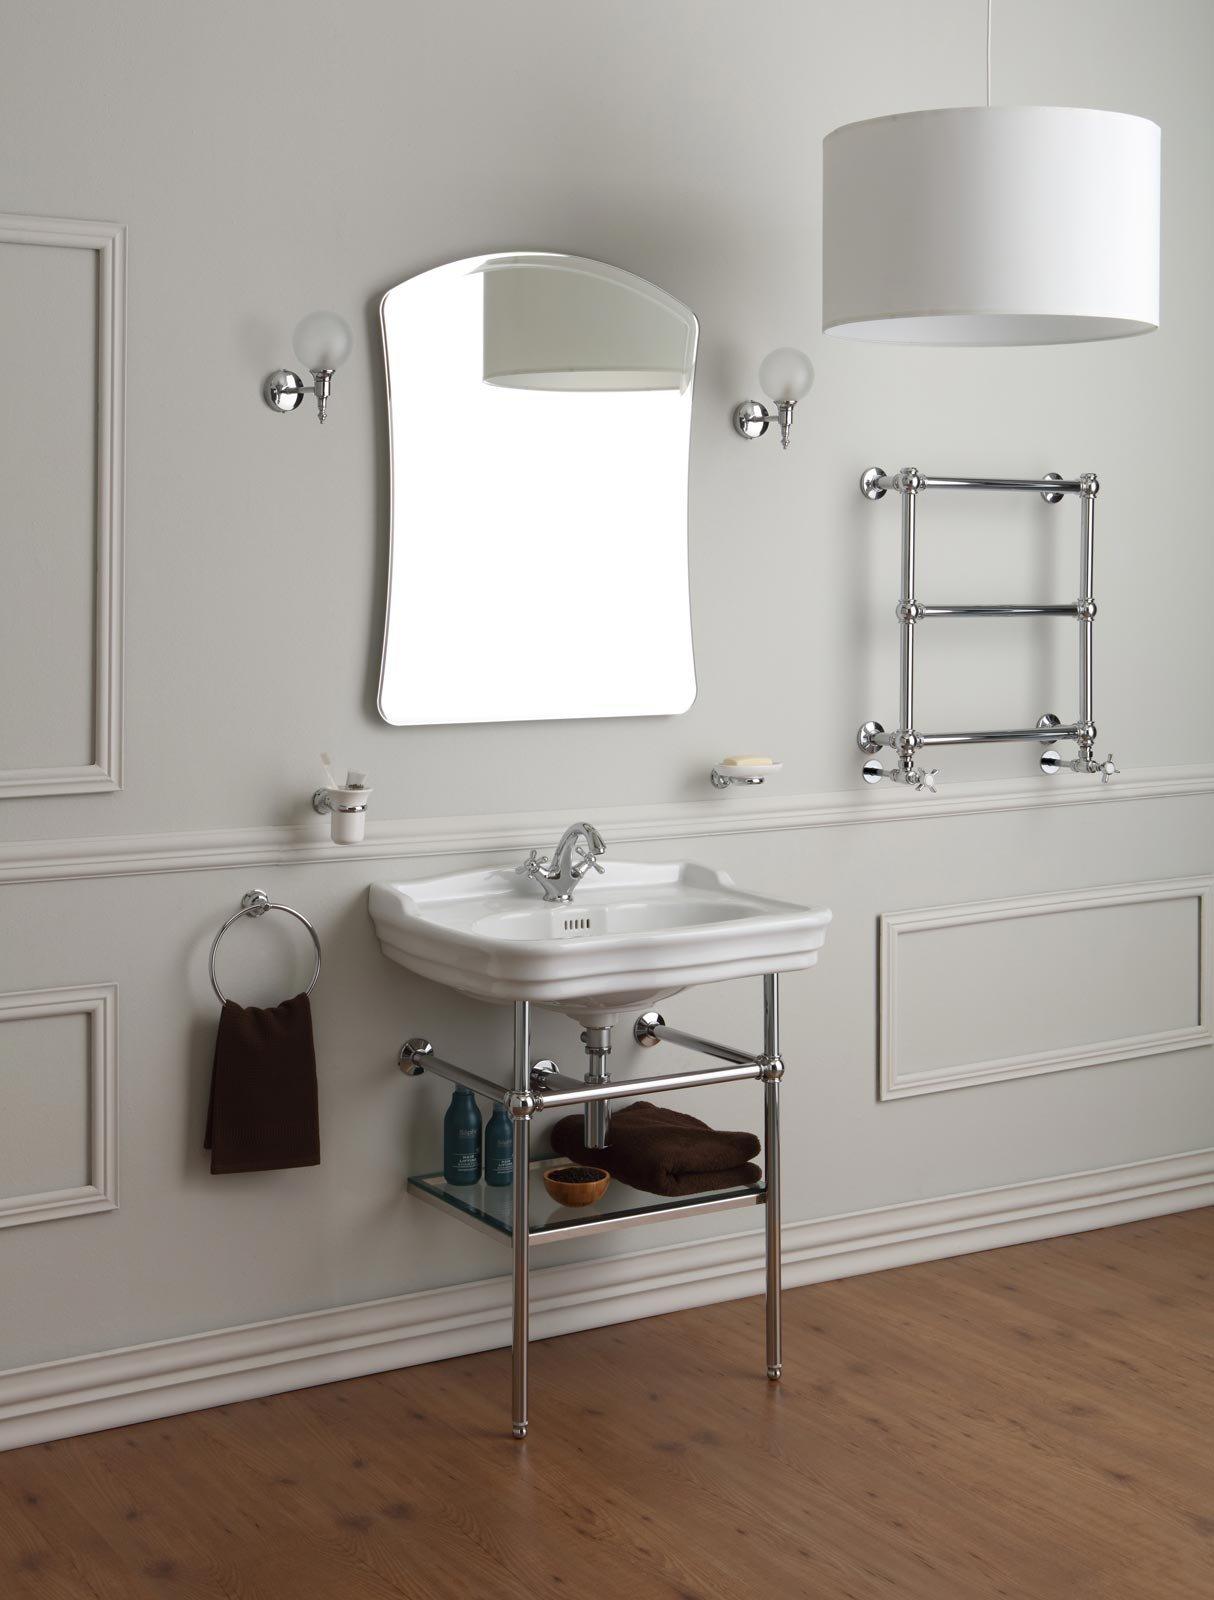 Accessori Classici Per Bagno.Accessori Per Il Bagno Qualita Italiana Per Completare L Ambiente Cose Di Casa